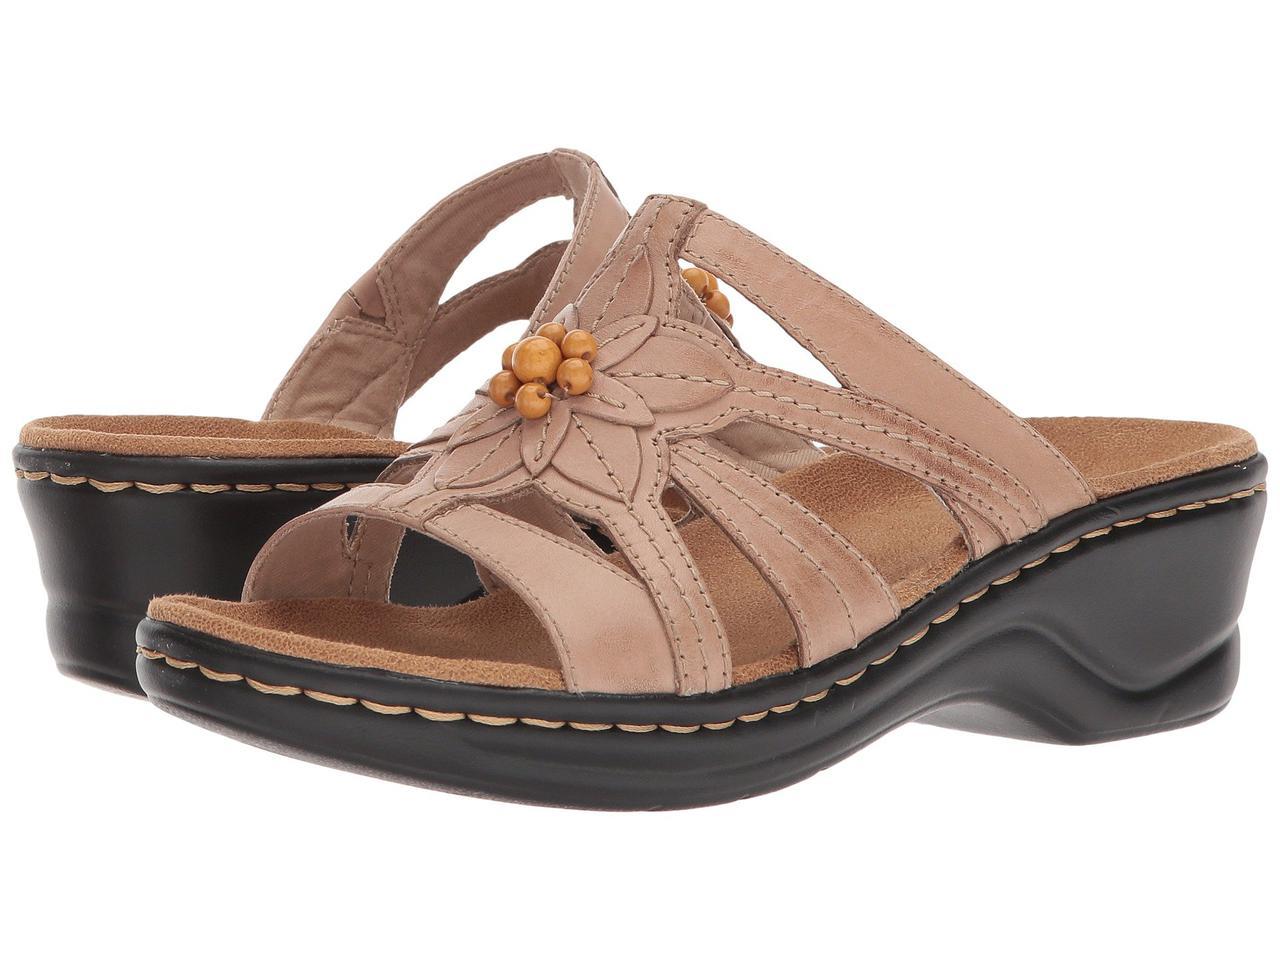 Туфли на каблуке (Оригинал) Clarks Lexi Myrtle Sand Leather